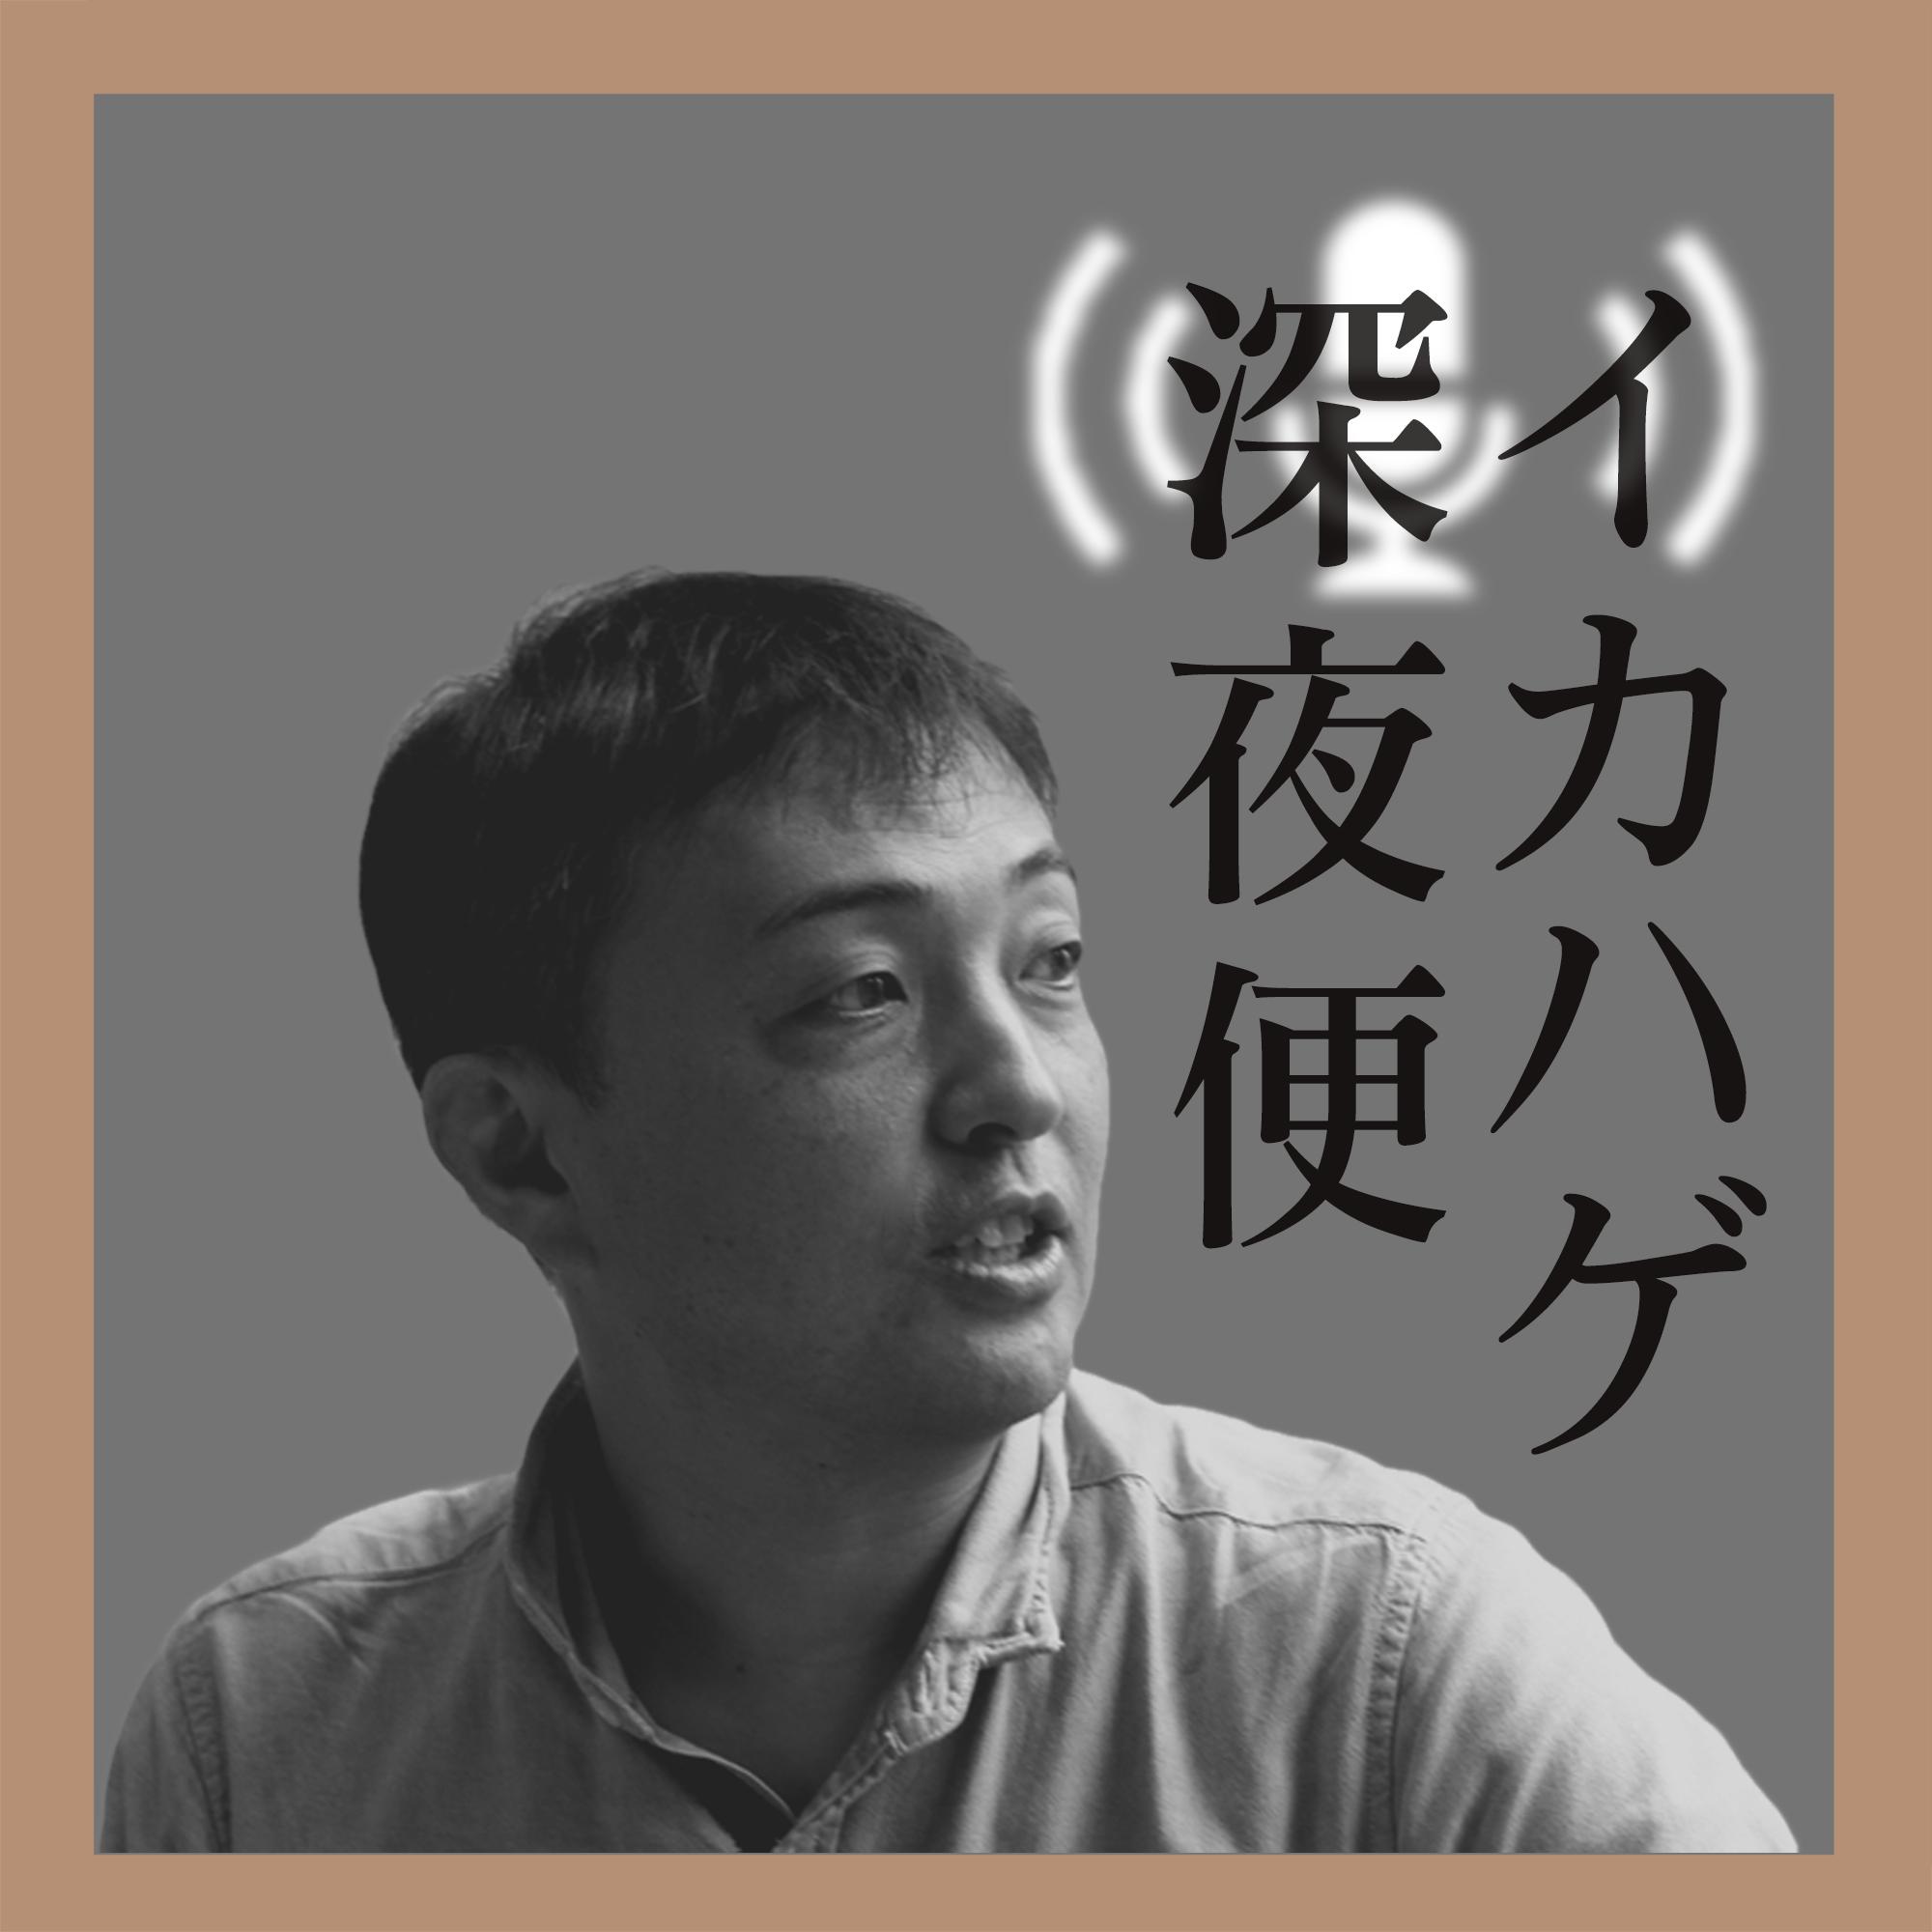 カフエマメヒコ井川啓央の「イカハゲ深夜便」